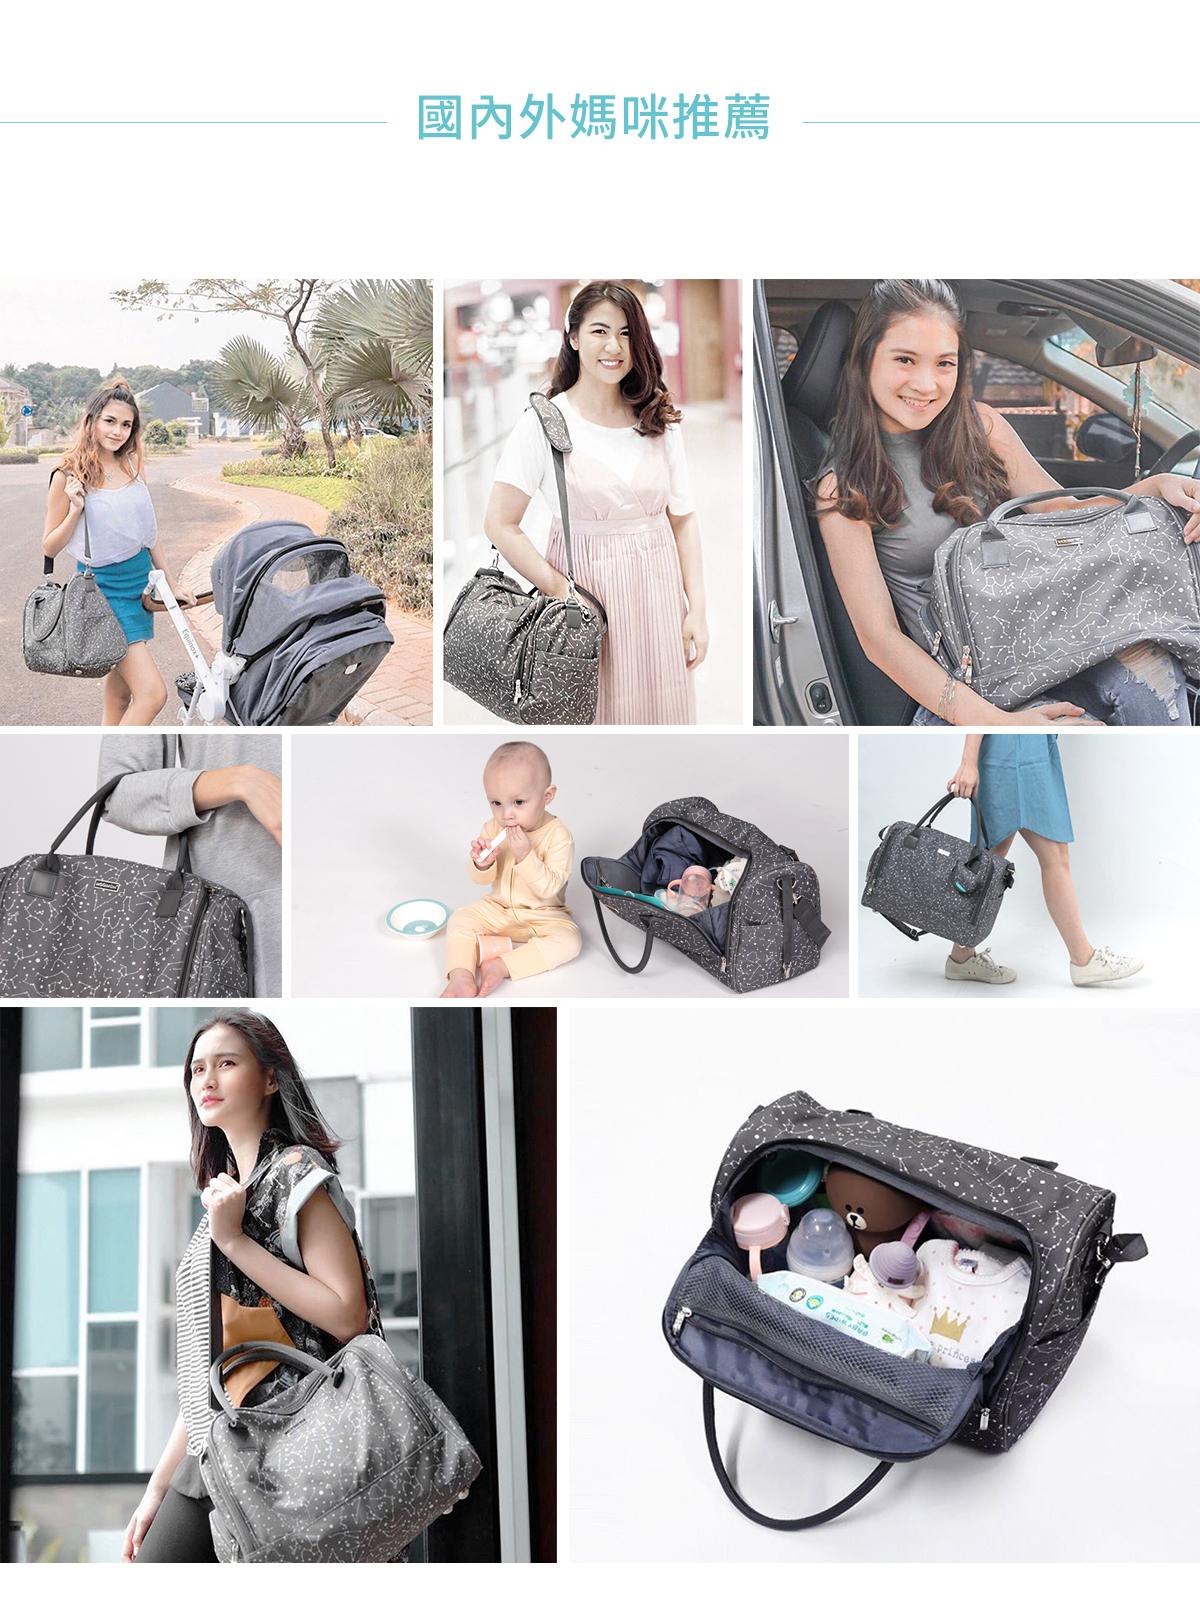 媽媽包,幾何星空媽媽包,旅行袋,萬用旅行袋,幾何星空媽媽包萬用旅行袋,國內外媽咪推薦